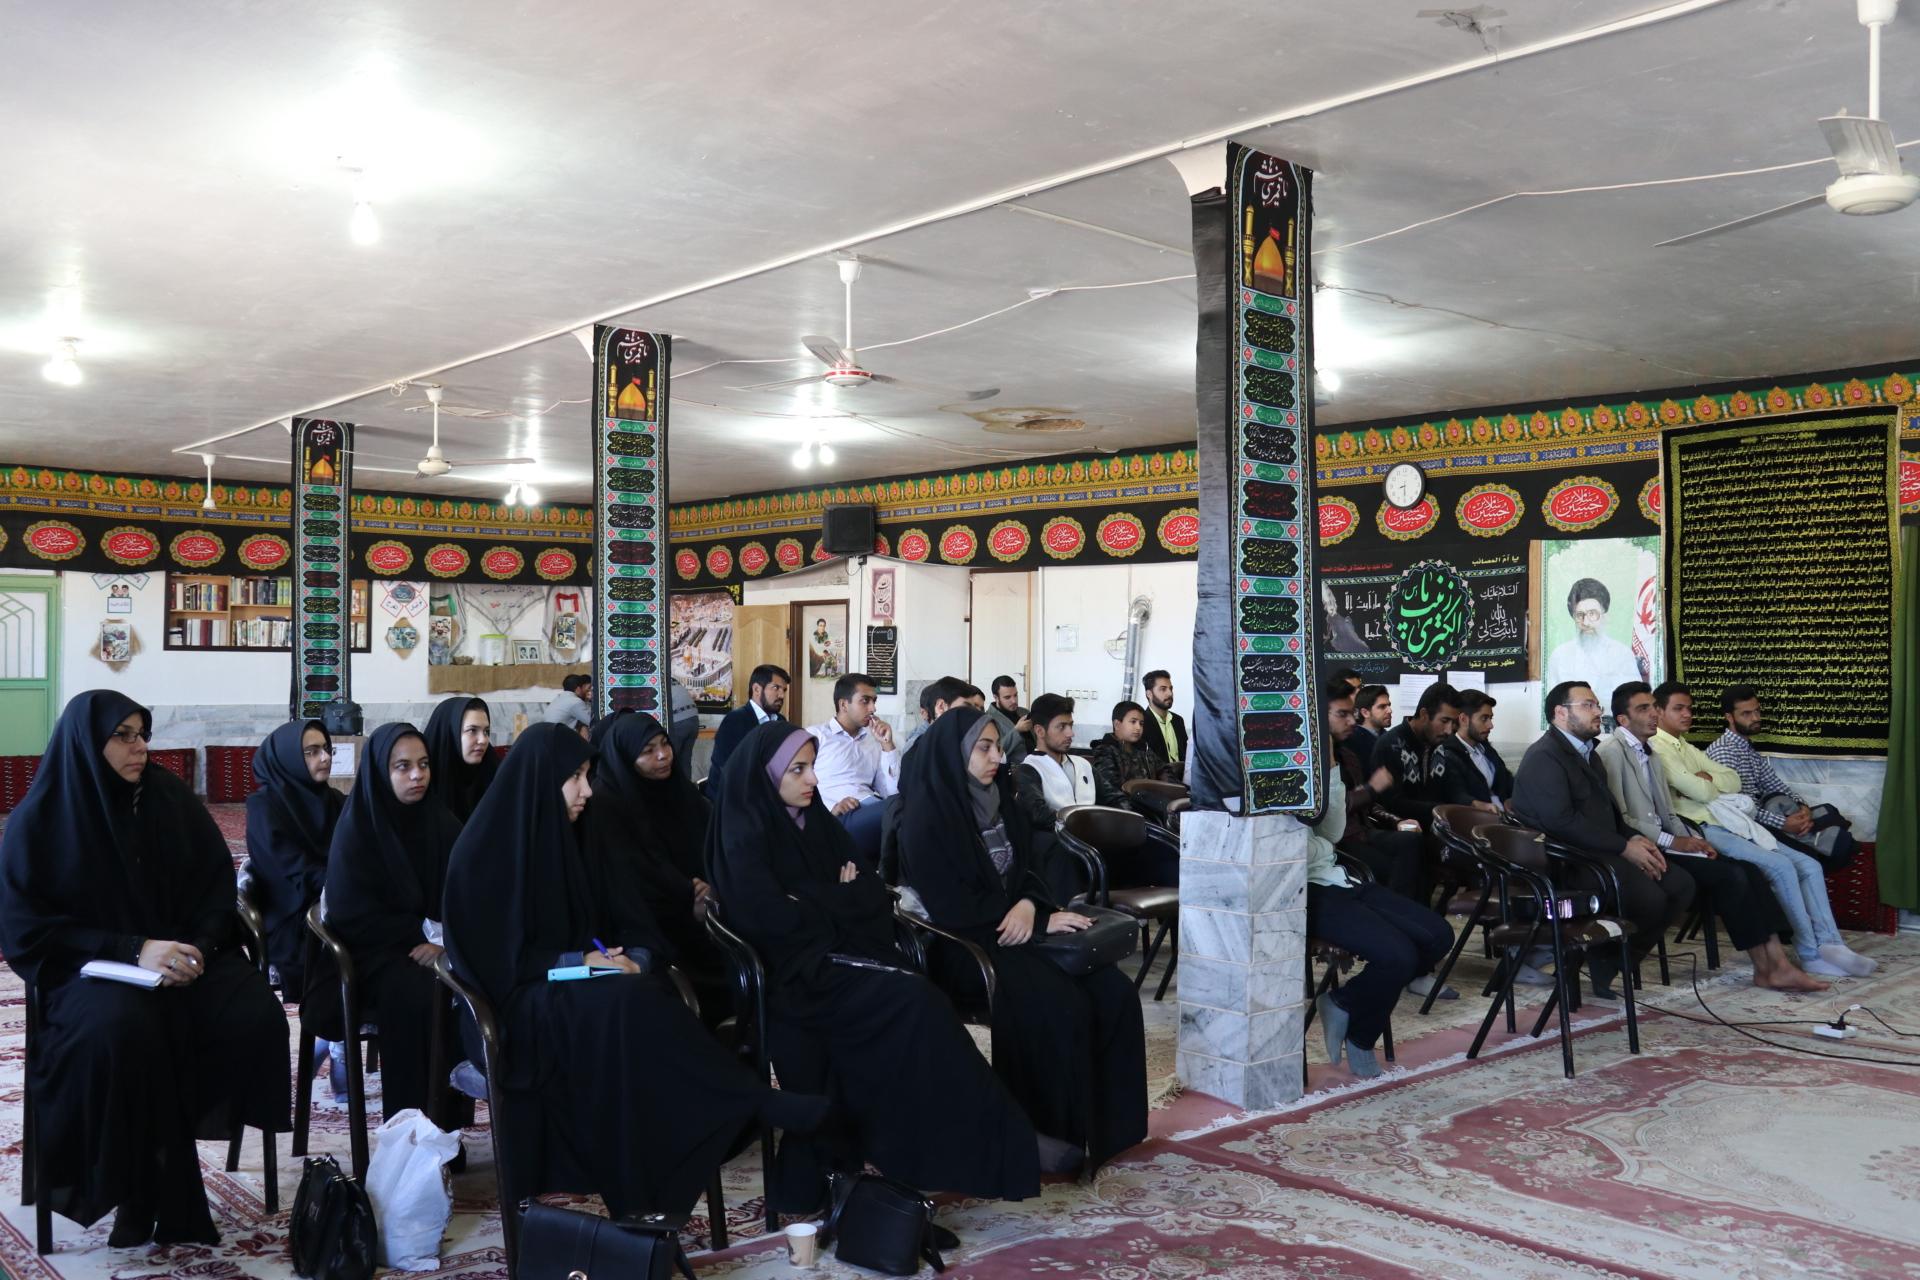 کارگاه آموزشی فعالیت اثربخش در فضای مجازی سازمان سراج خراسان جنوبی